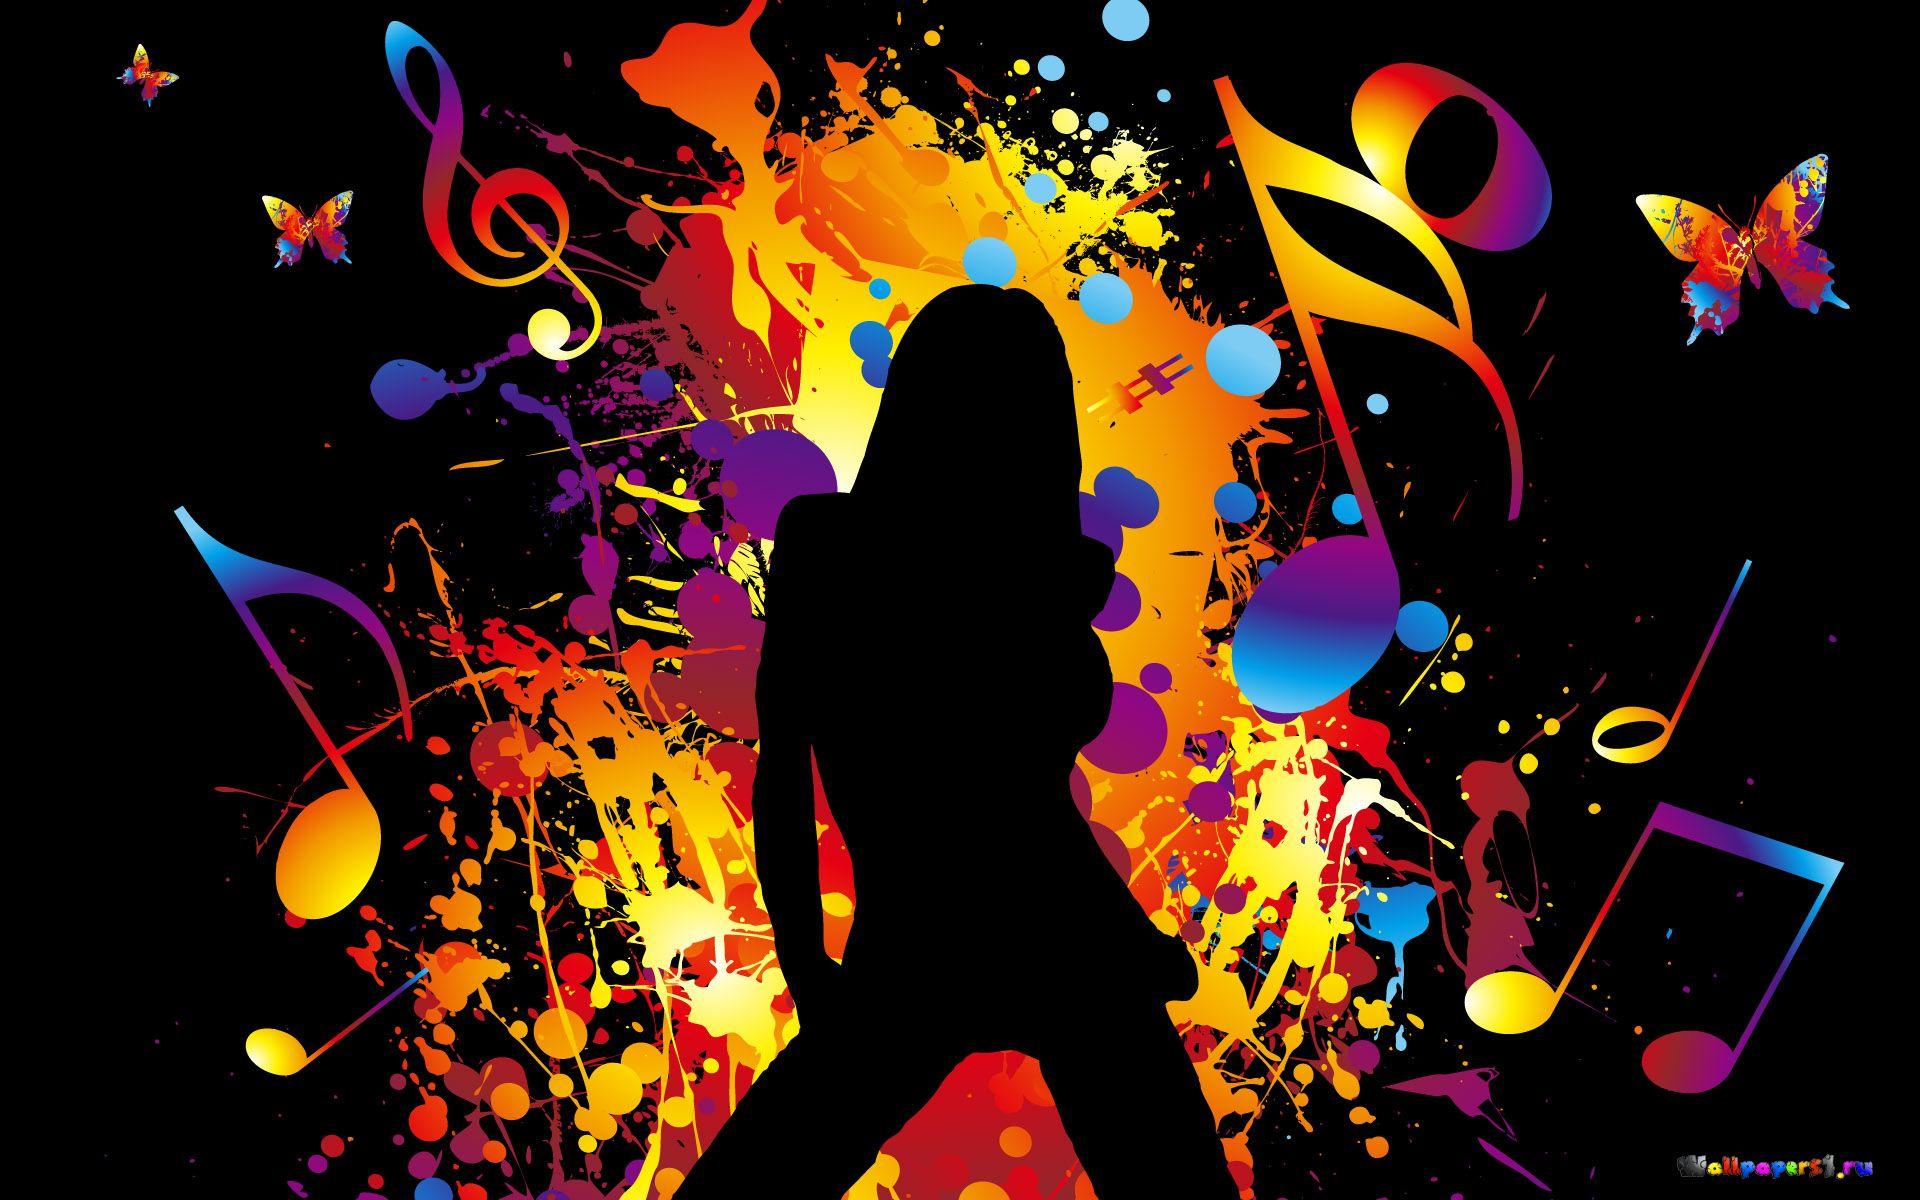 Арт музыка танцы  № 2843875  скачать